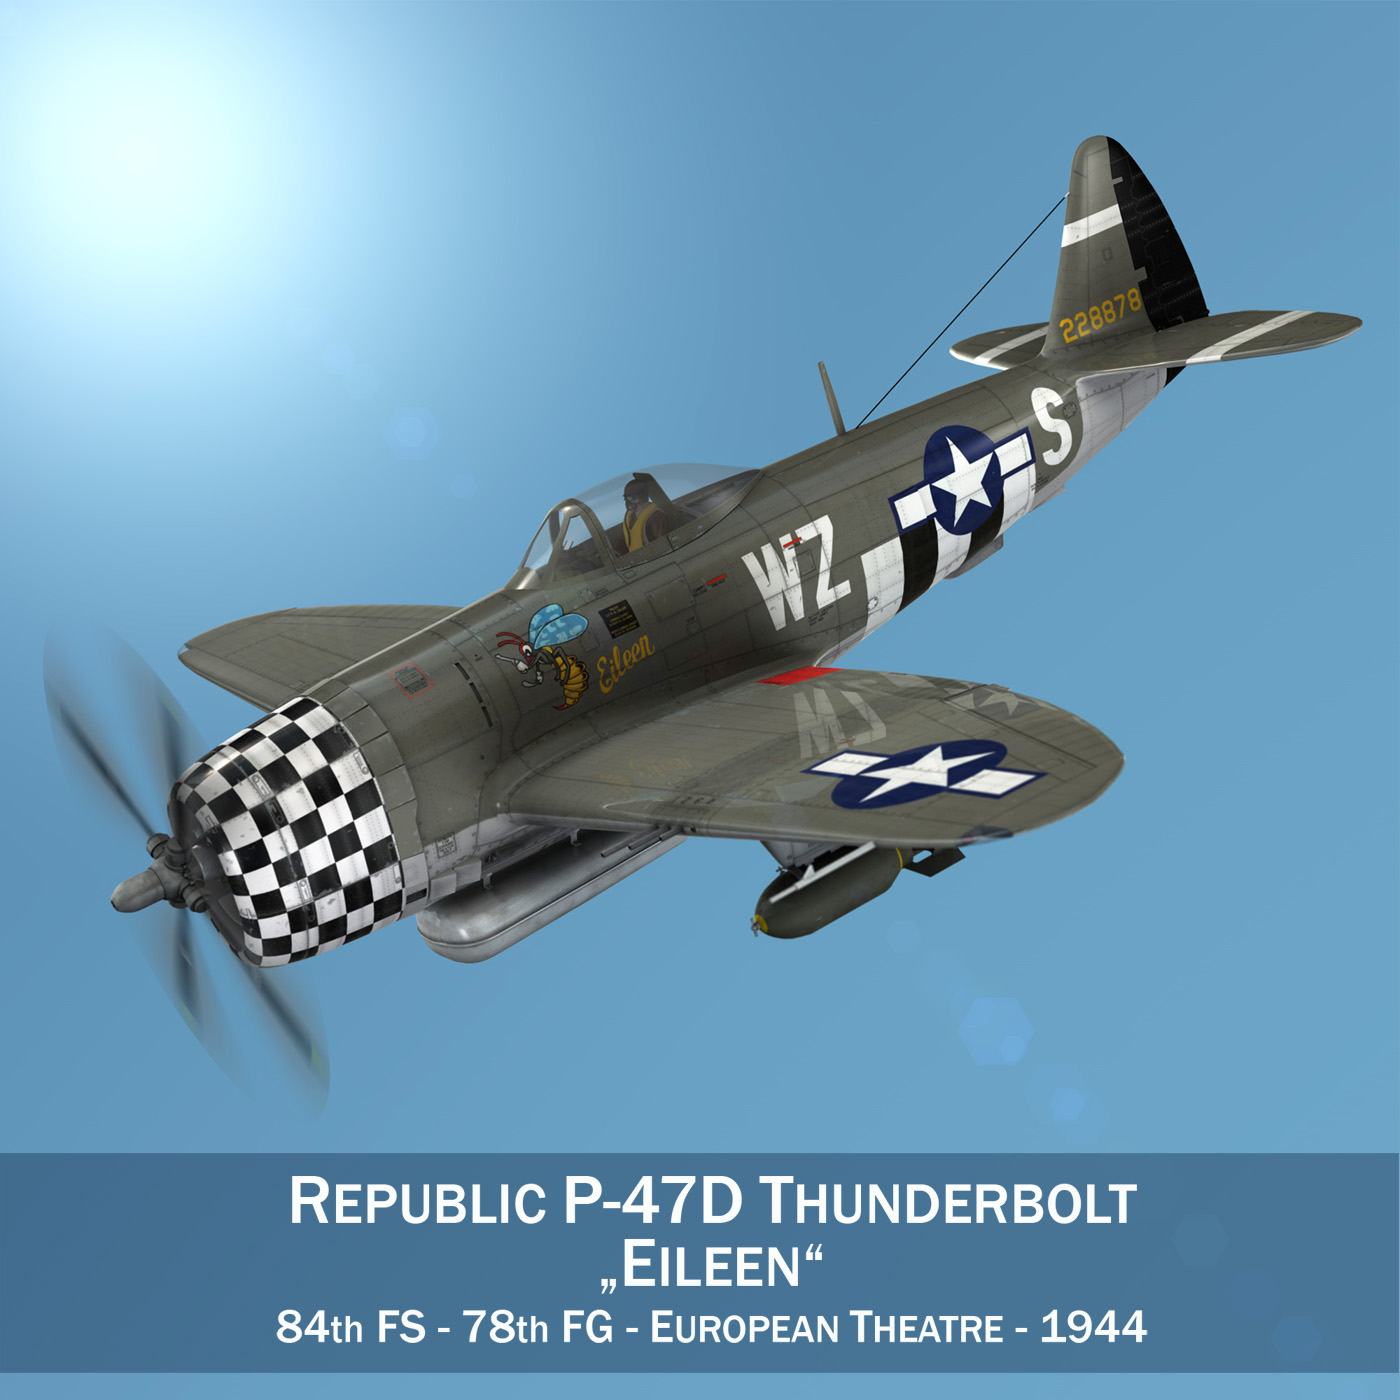 republic p-47d thunderbolt – eileen 1 3d model 3ds c4d fbx lwo lw lws obj 279687